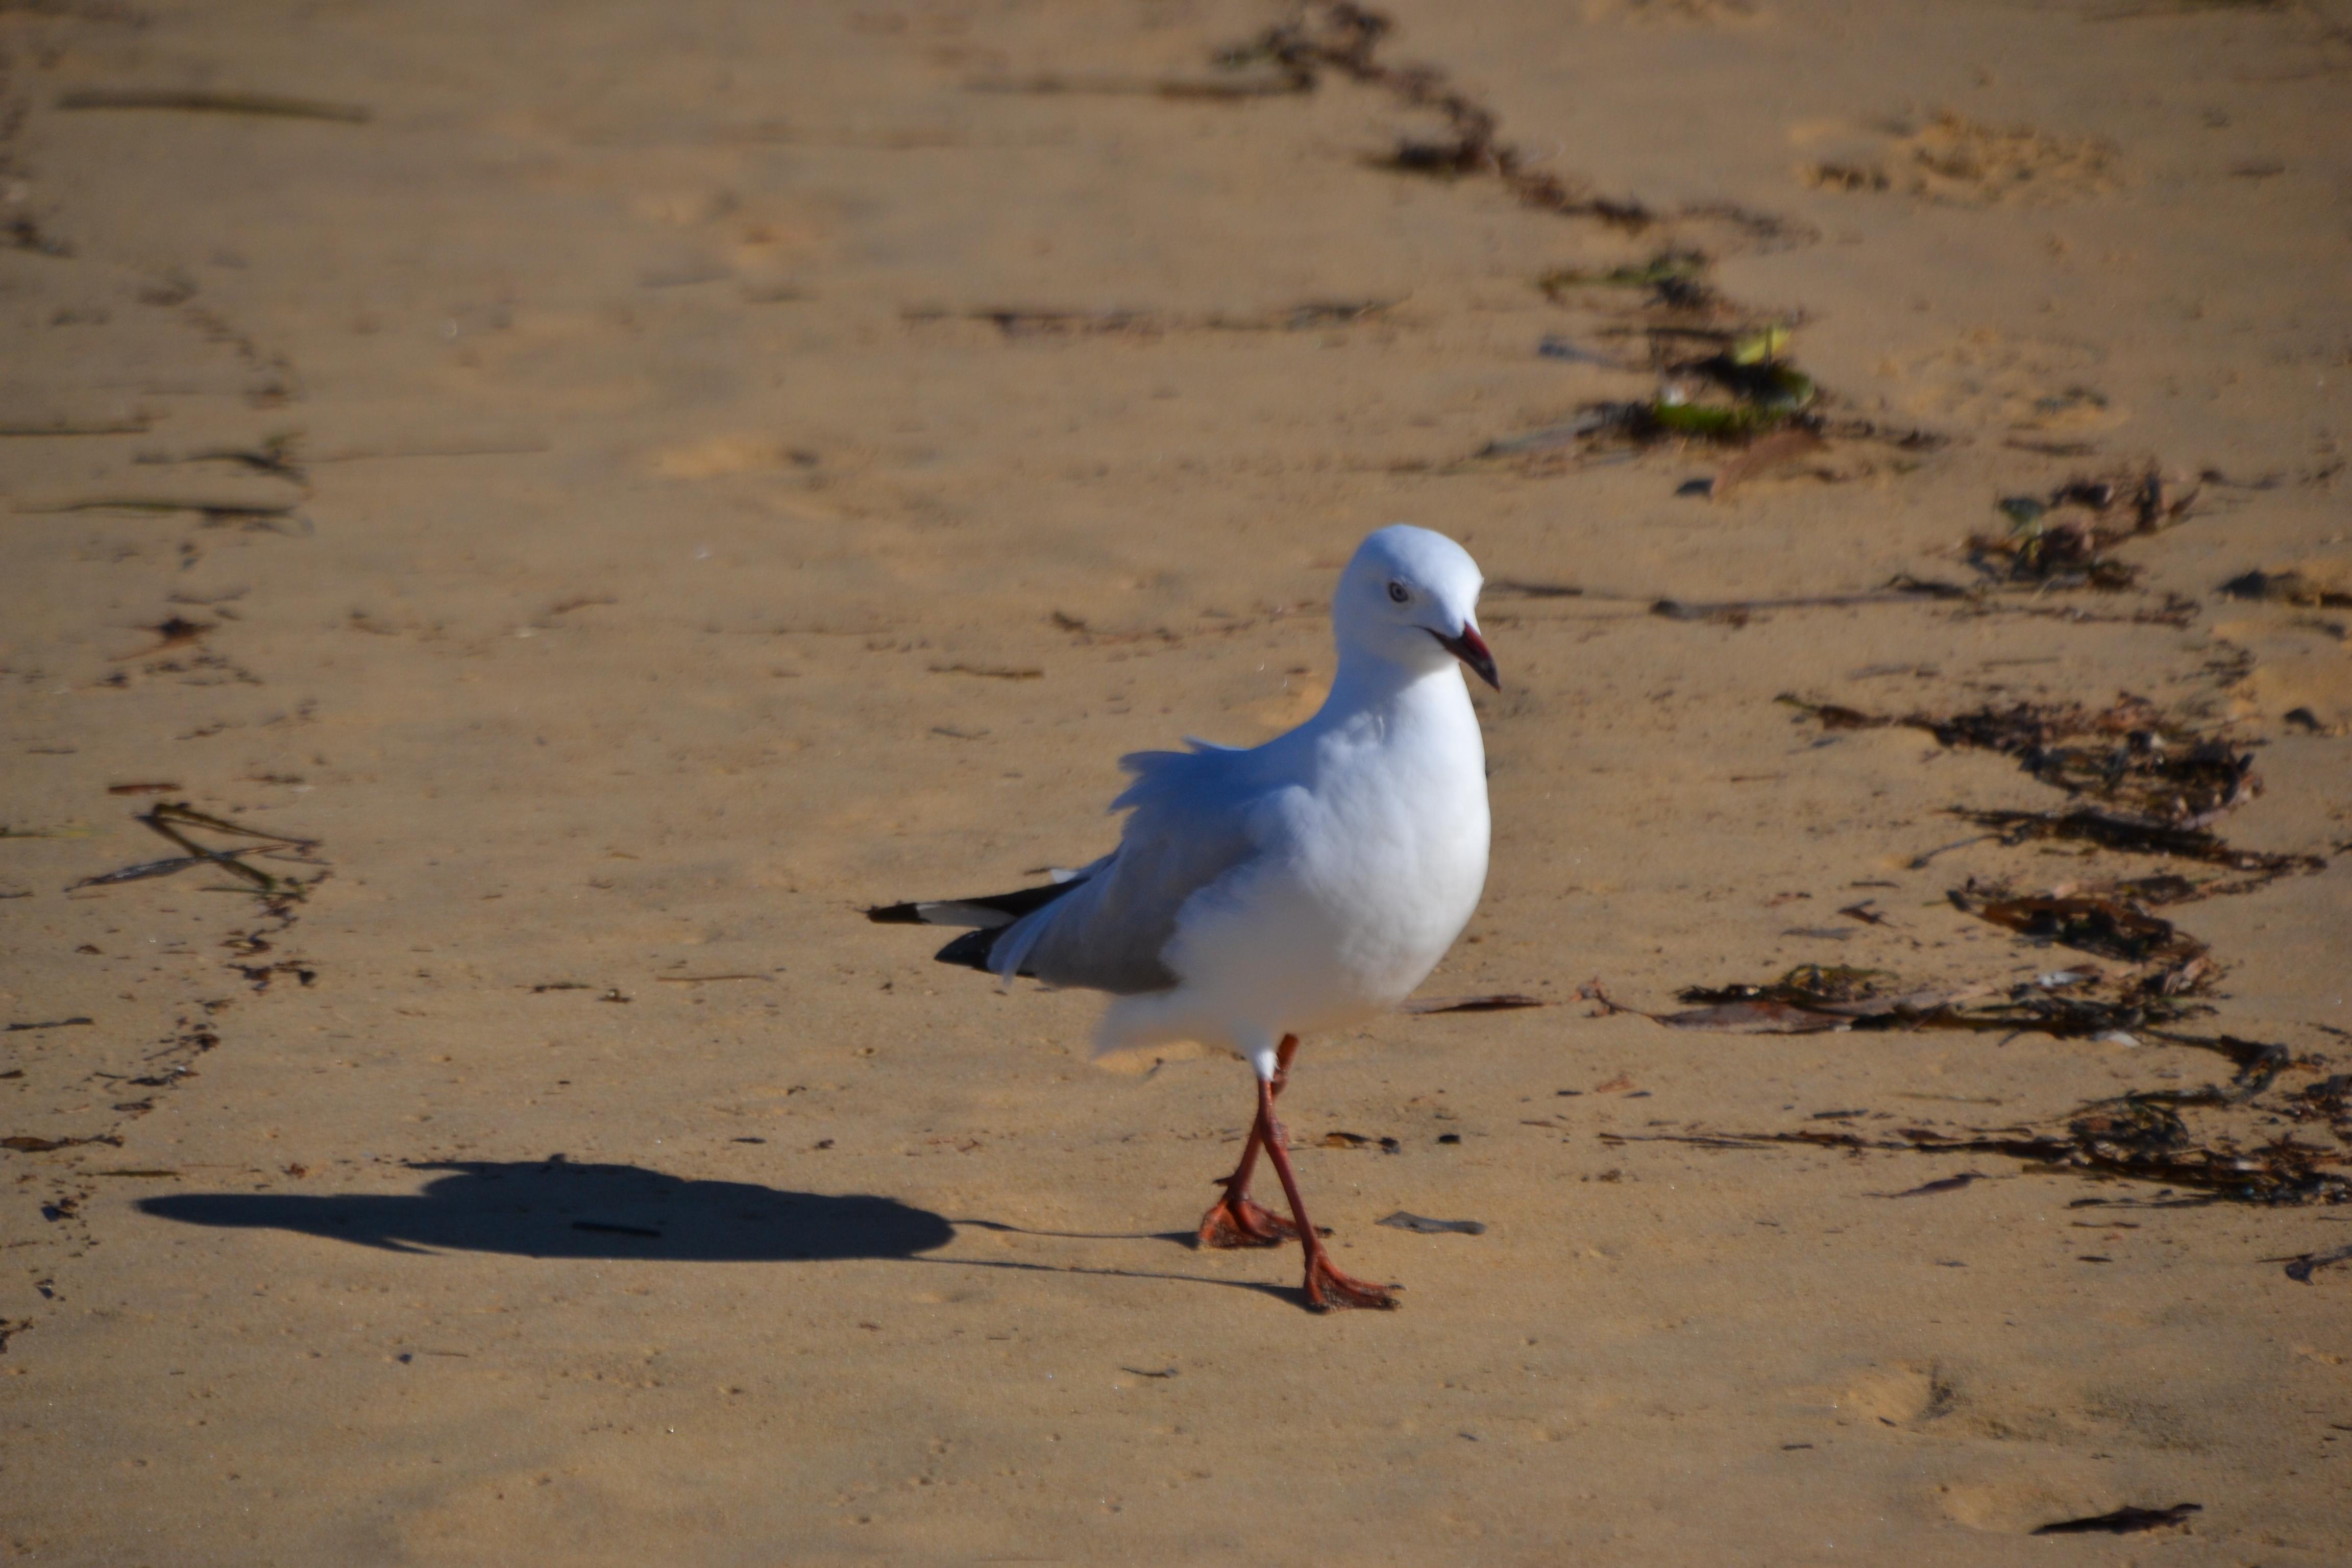 ruffled gull